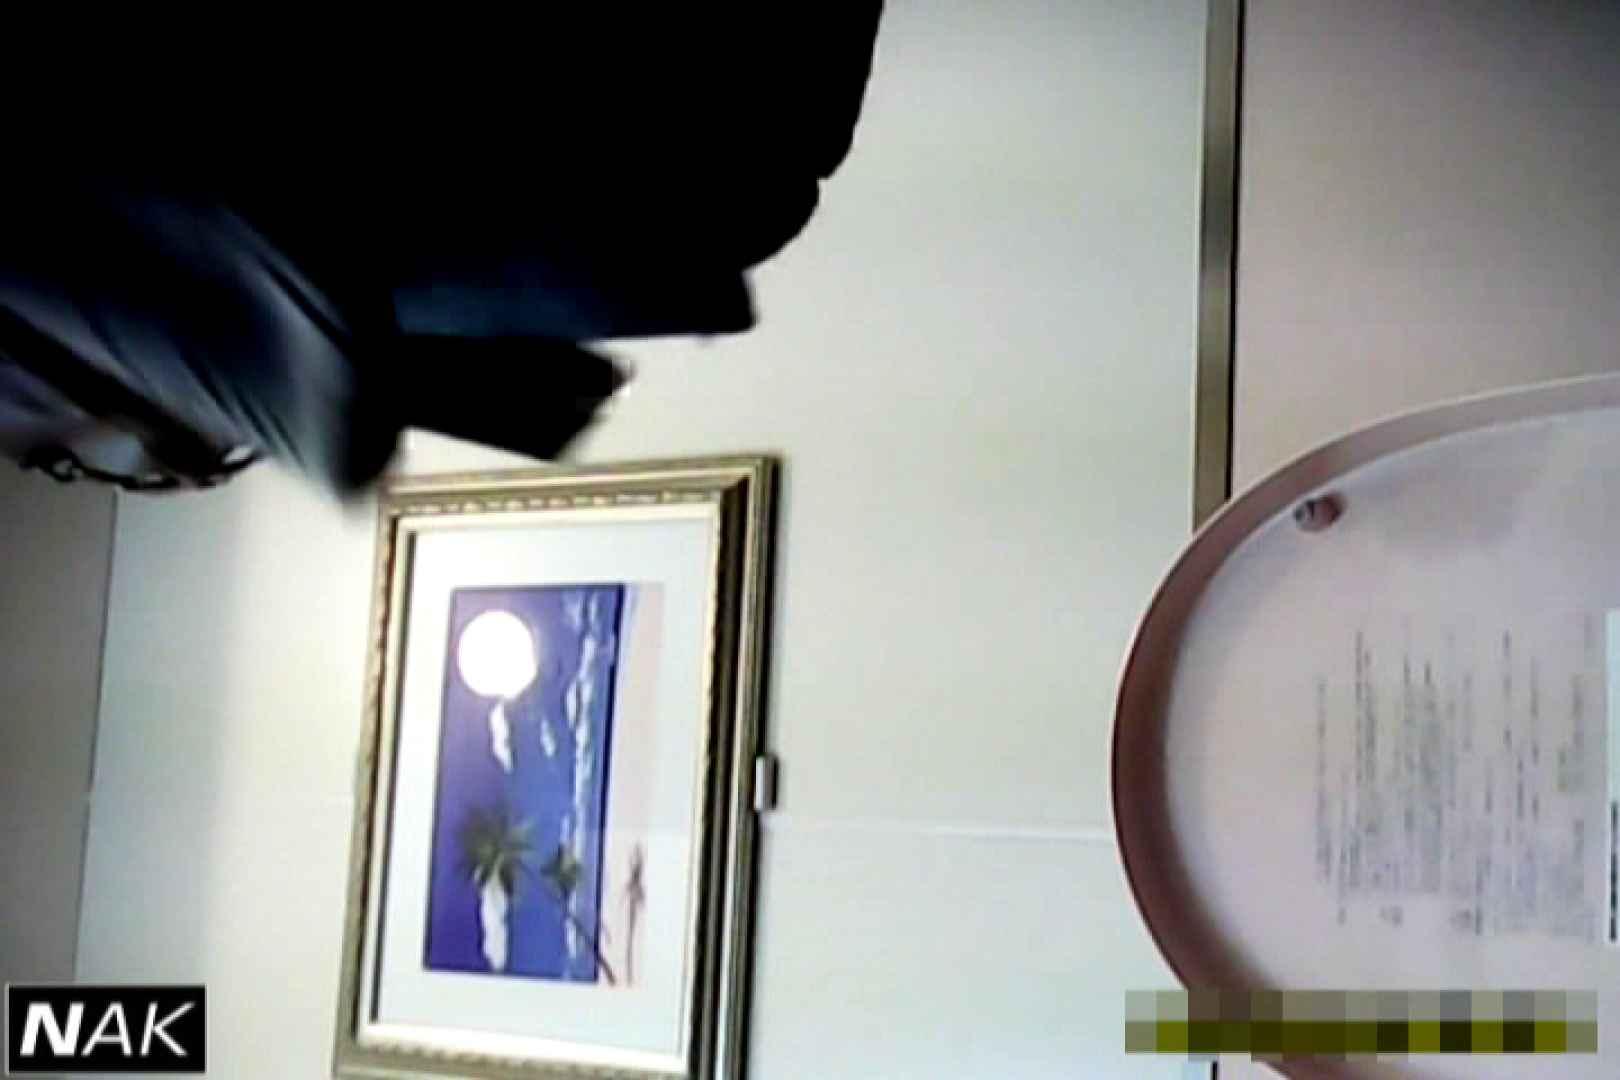 超高画質5000K!脅威の1点集中かわや! vol.01 マンコ・ムレムレ アダルト動画キャプチャ 89pic 81